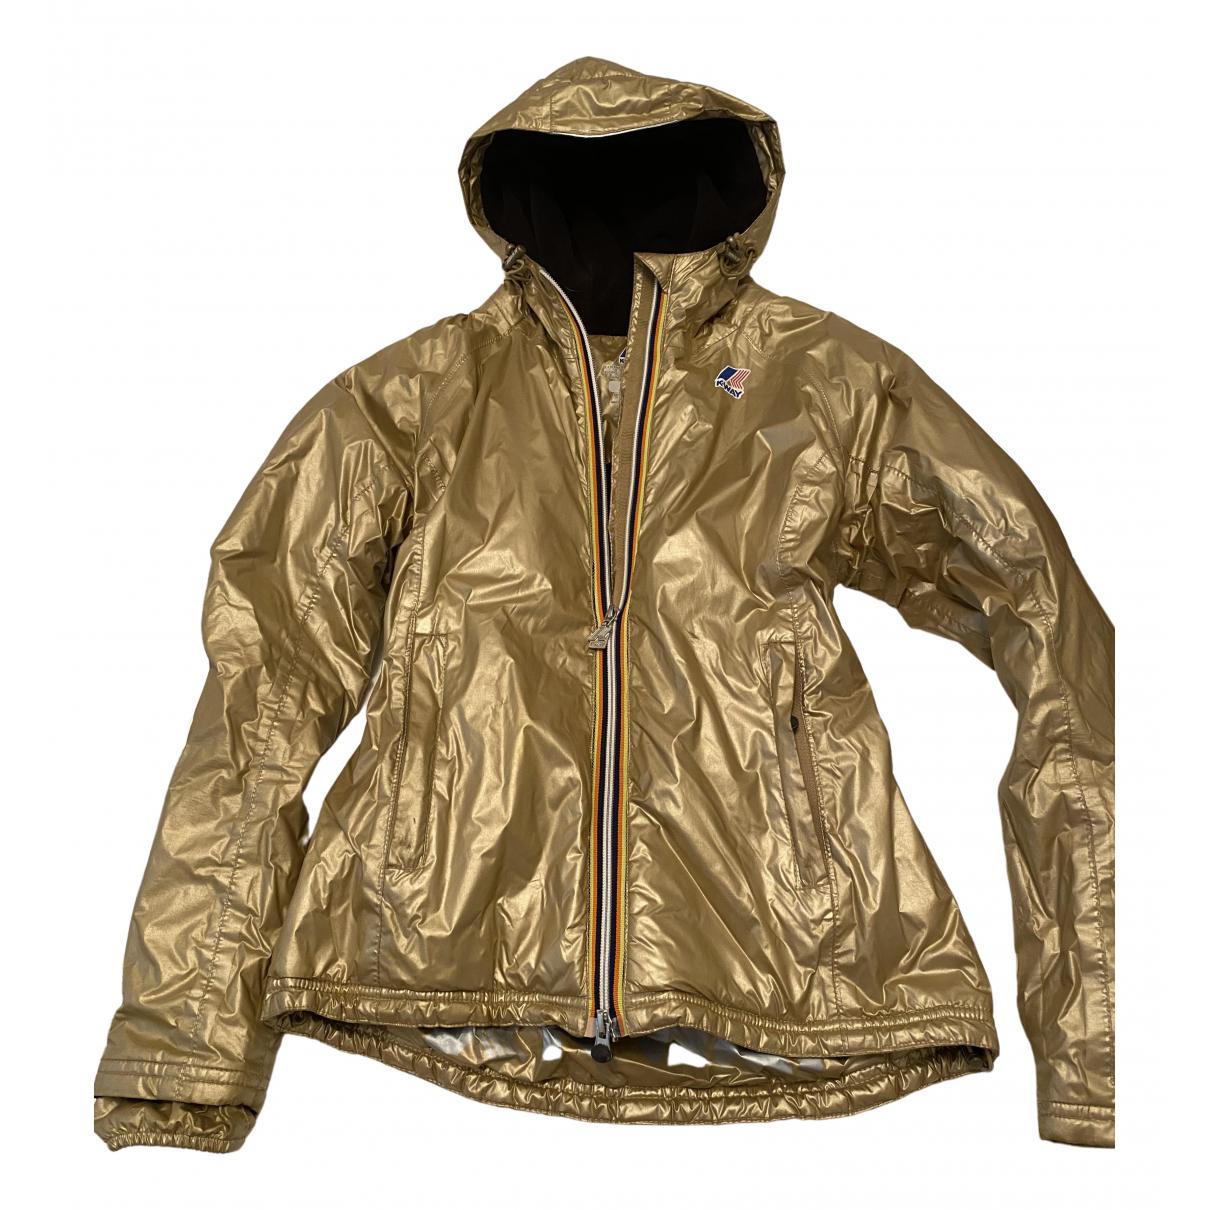 K-way \N jacket for Women S International